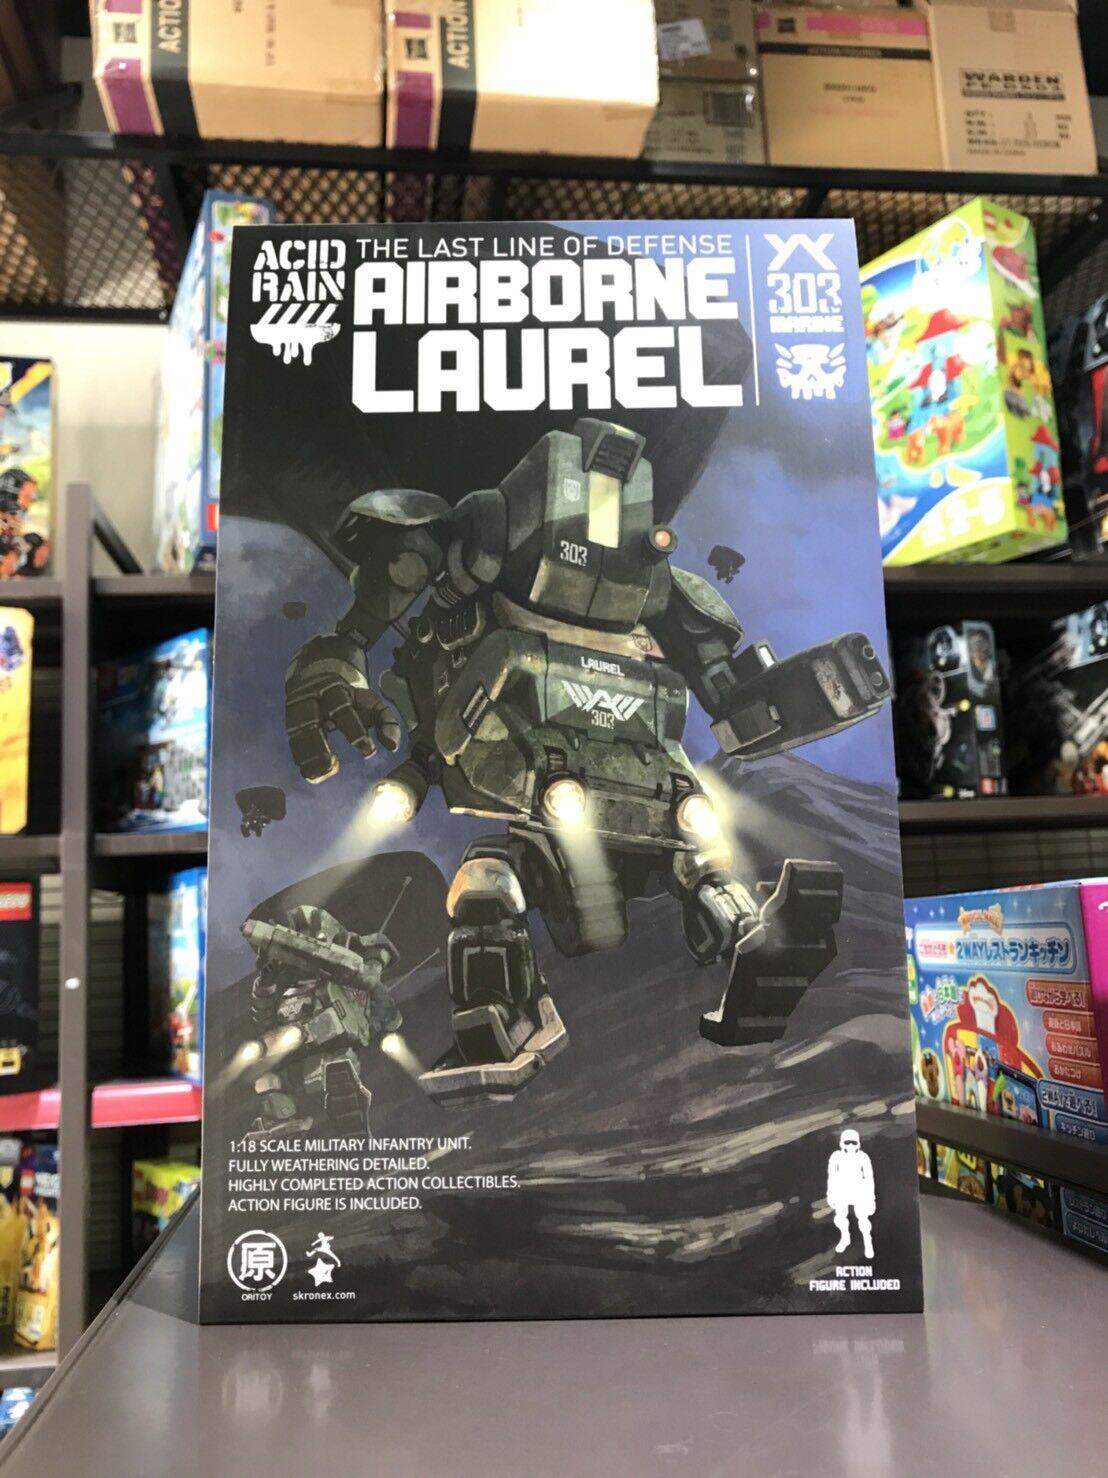 [W. H] nuovo in scatola  sigillata 50695 origiocattolo piogge acide MONDO Laurel Airbourne 3.75 1 18 azione cifra  economico